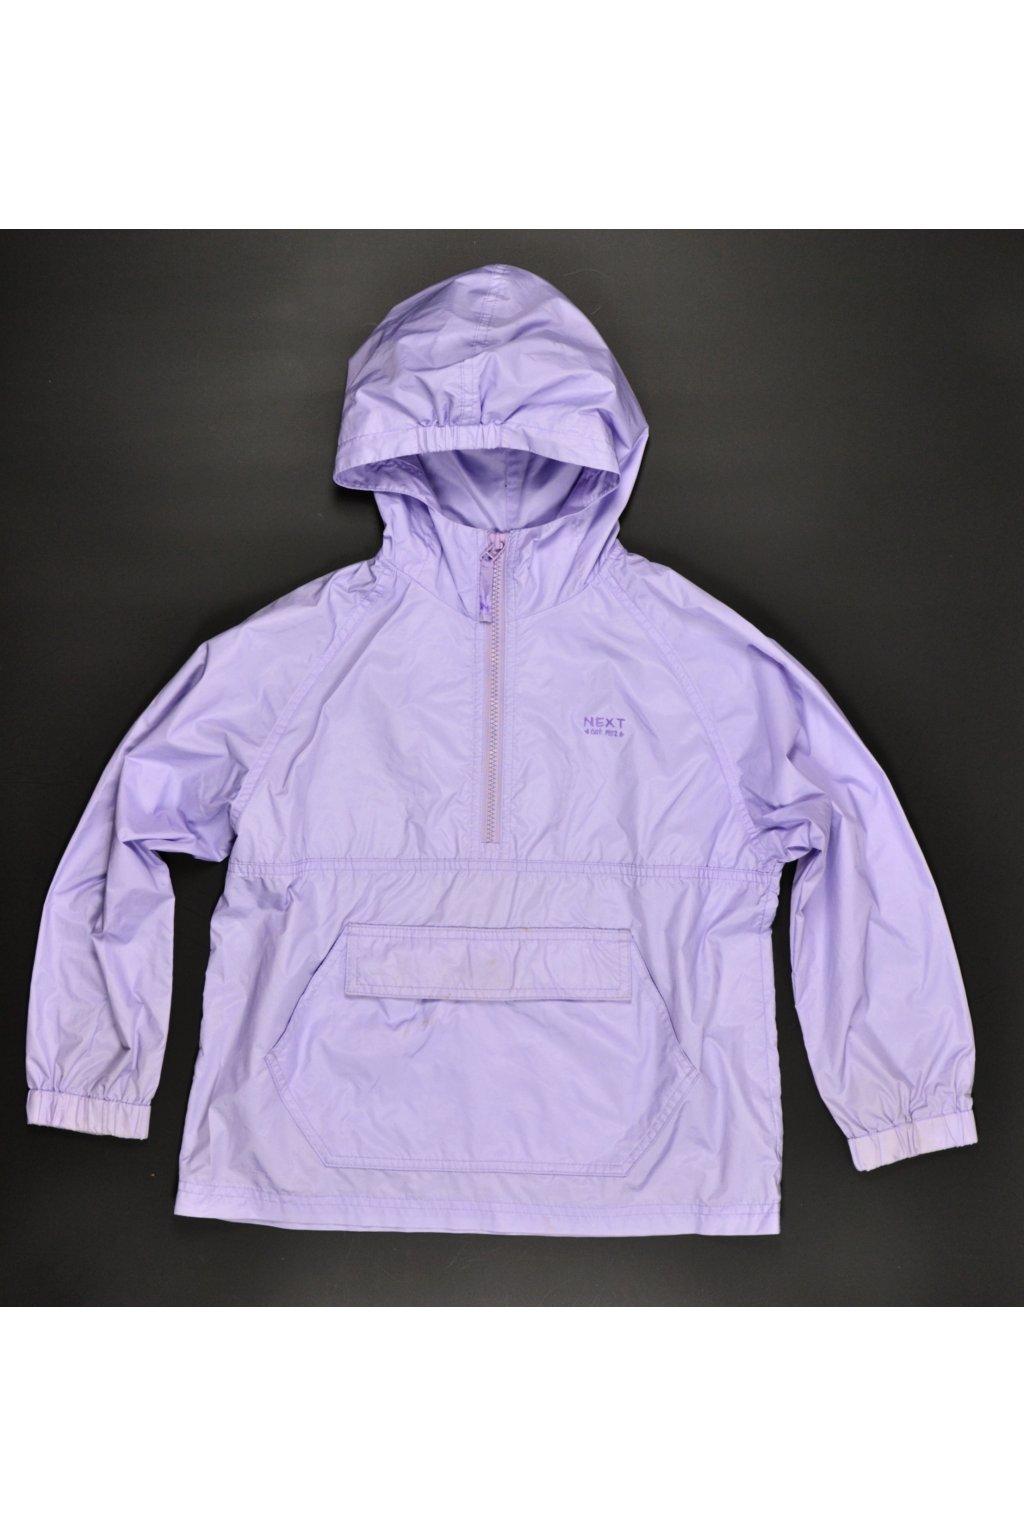 Bunda větrovka pláštěnka Next 128/7-8 fialová